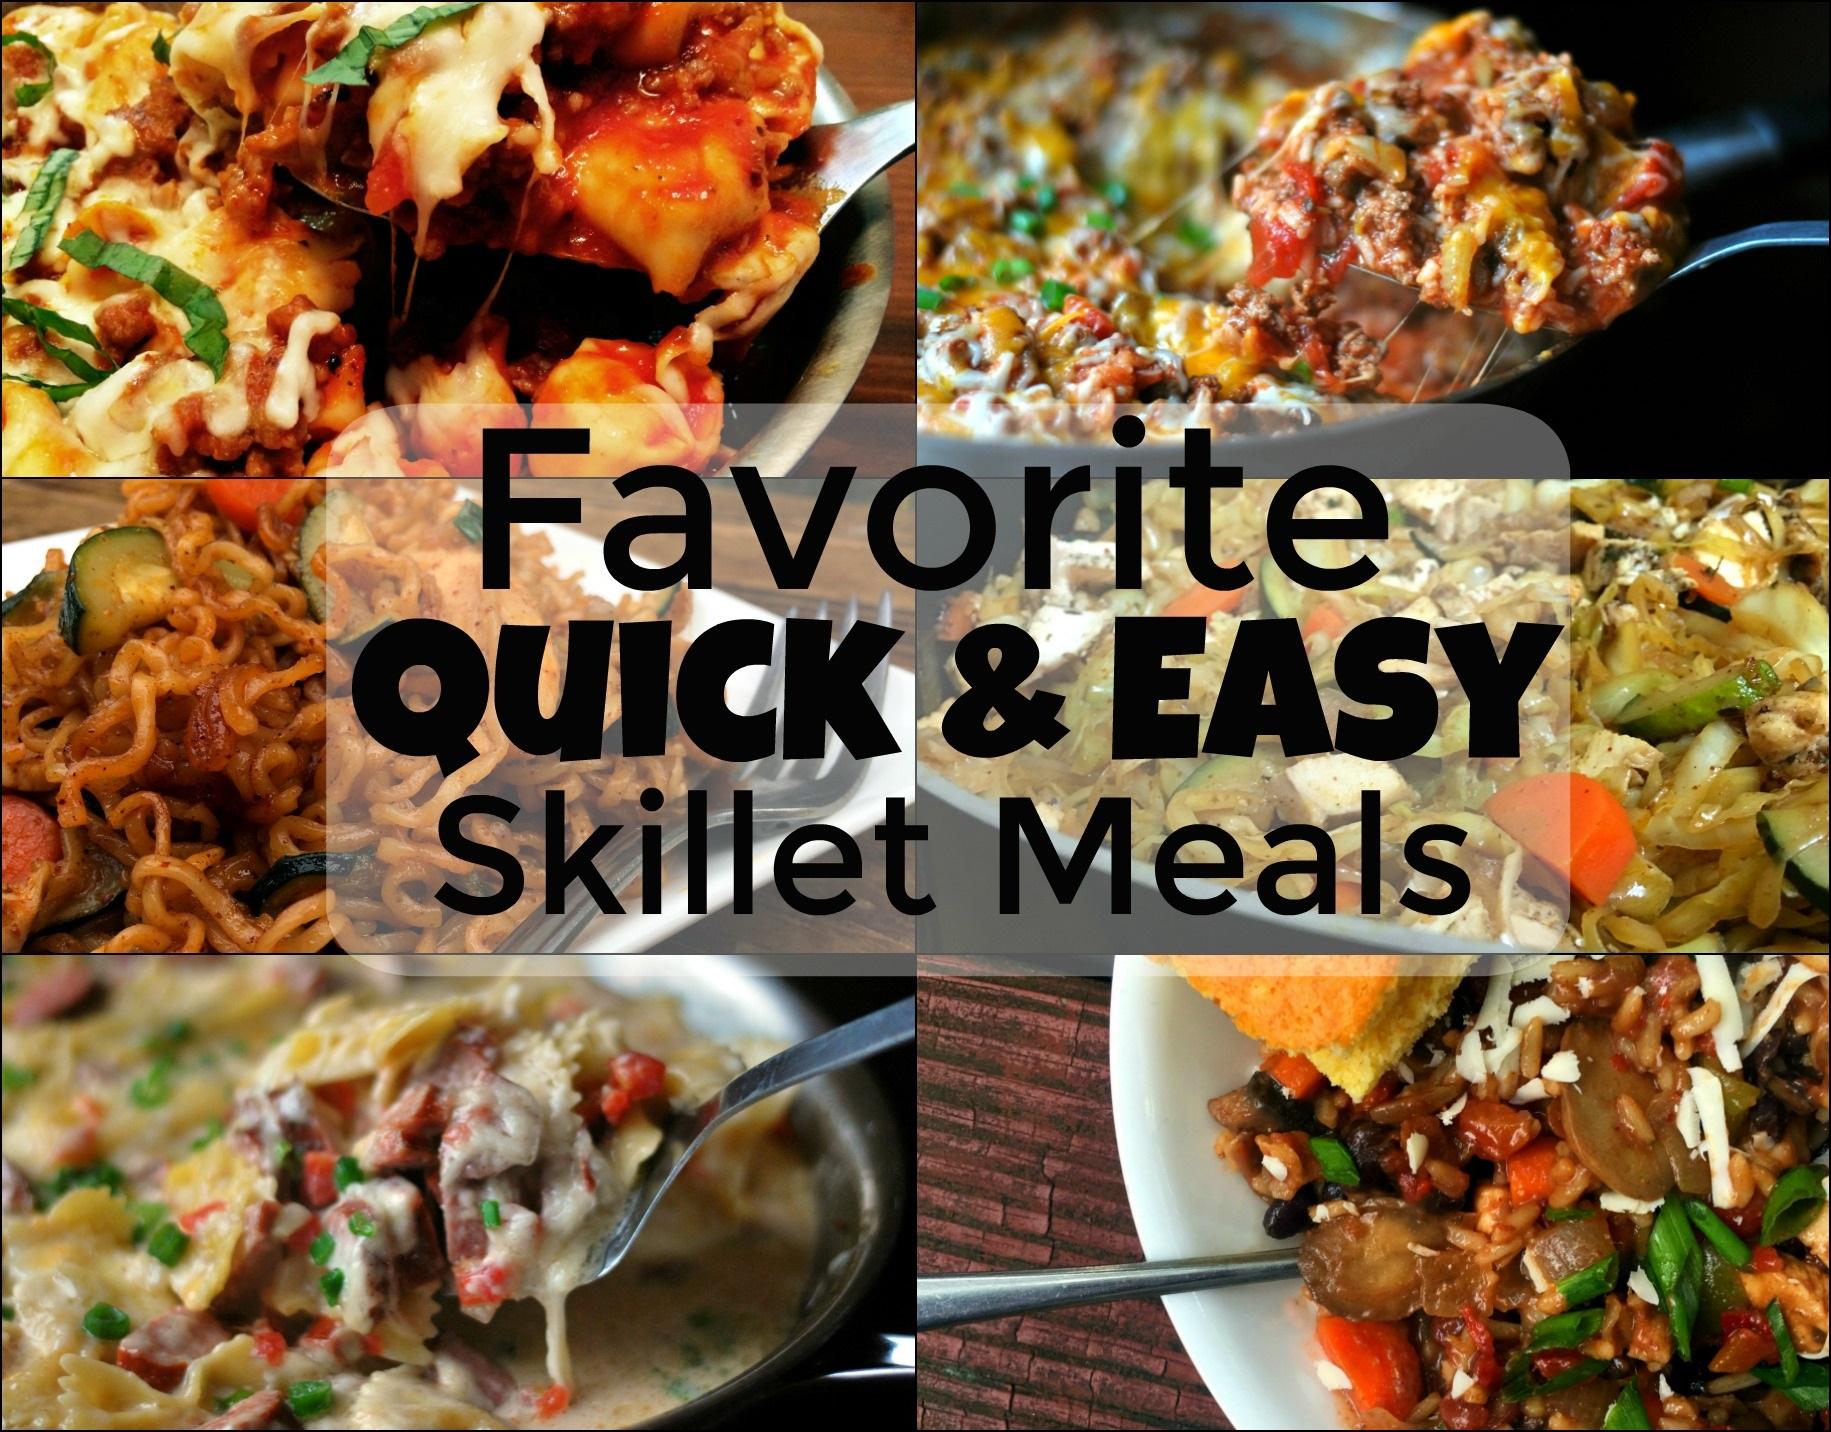 Favorite Quick & Easy Skillet Meals